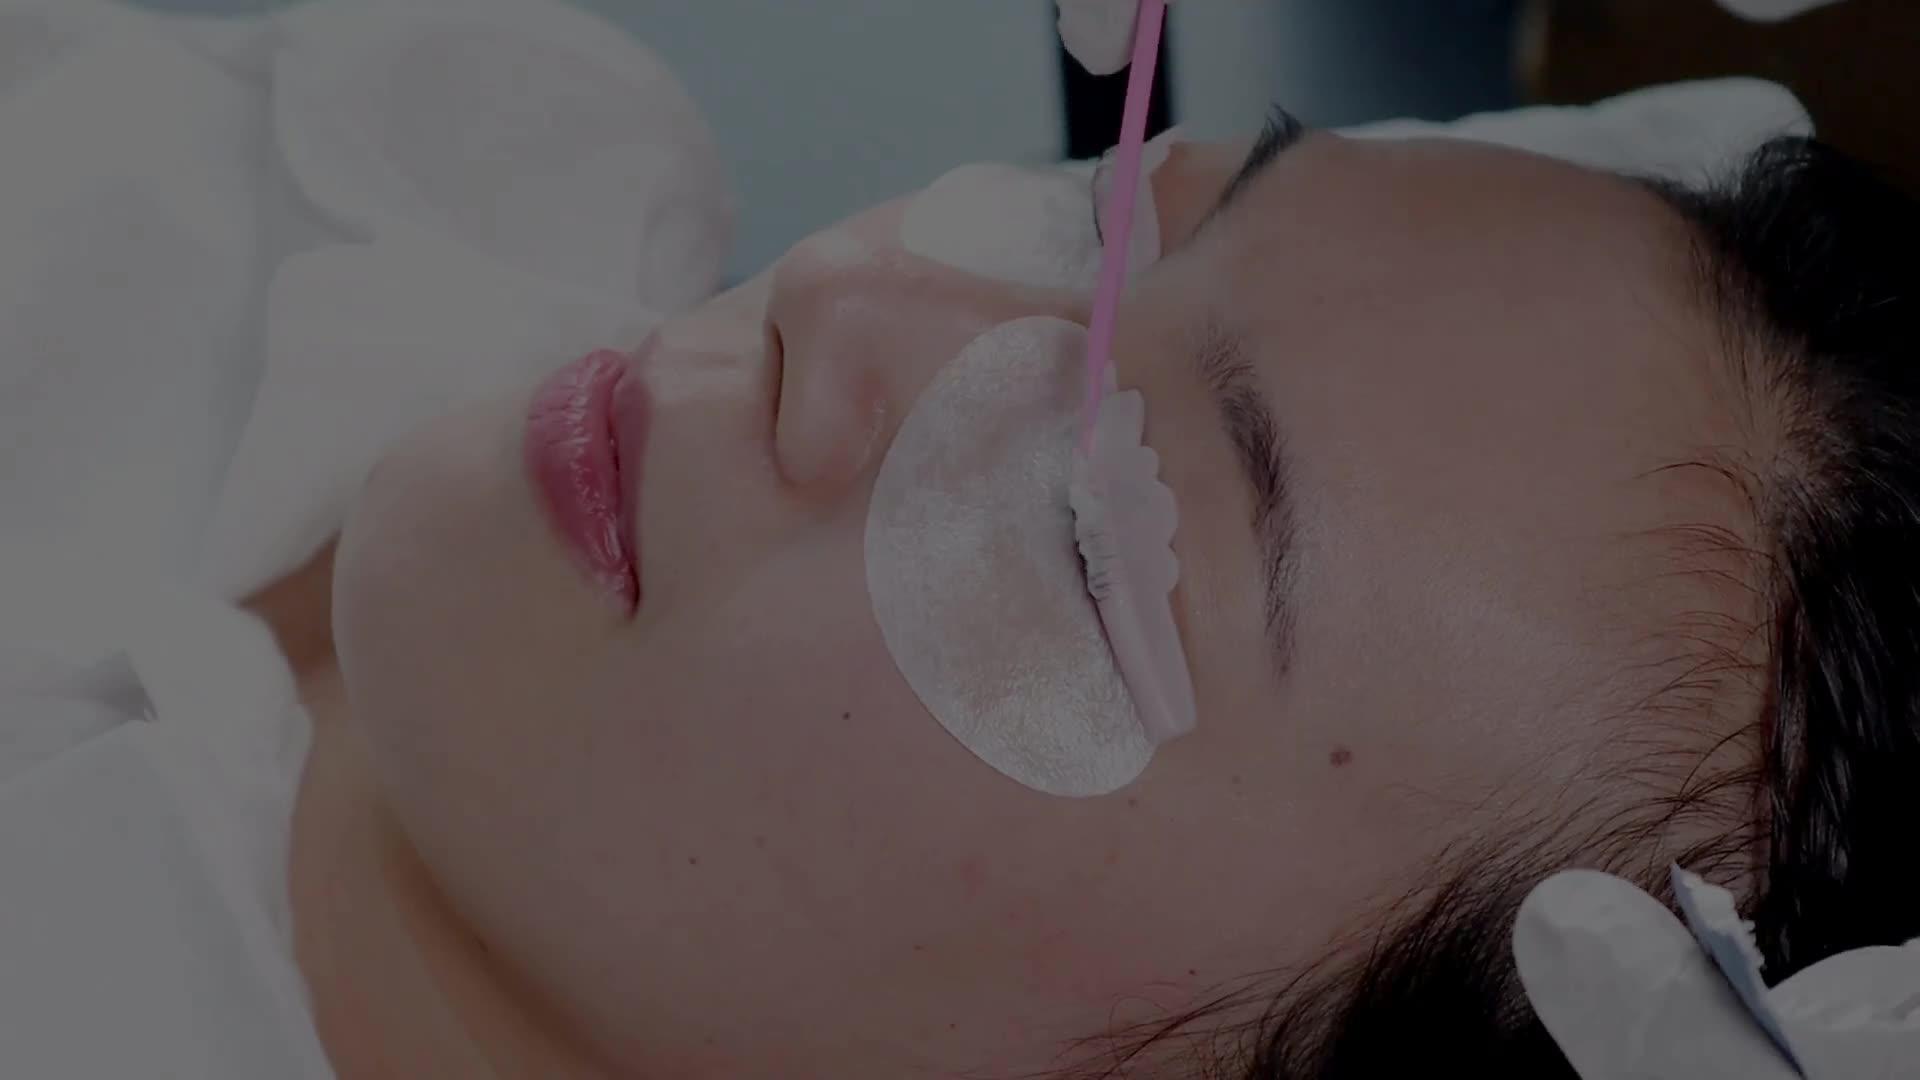 Usa e getta lashlift bustina 5 minuti di trattamento mantenere lashlifting curl 8 settimane